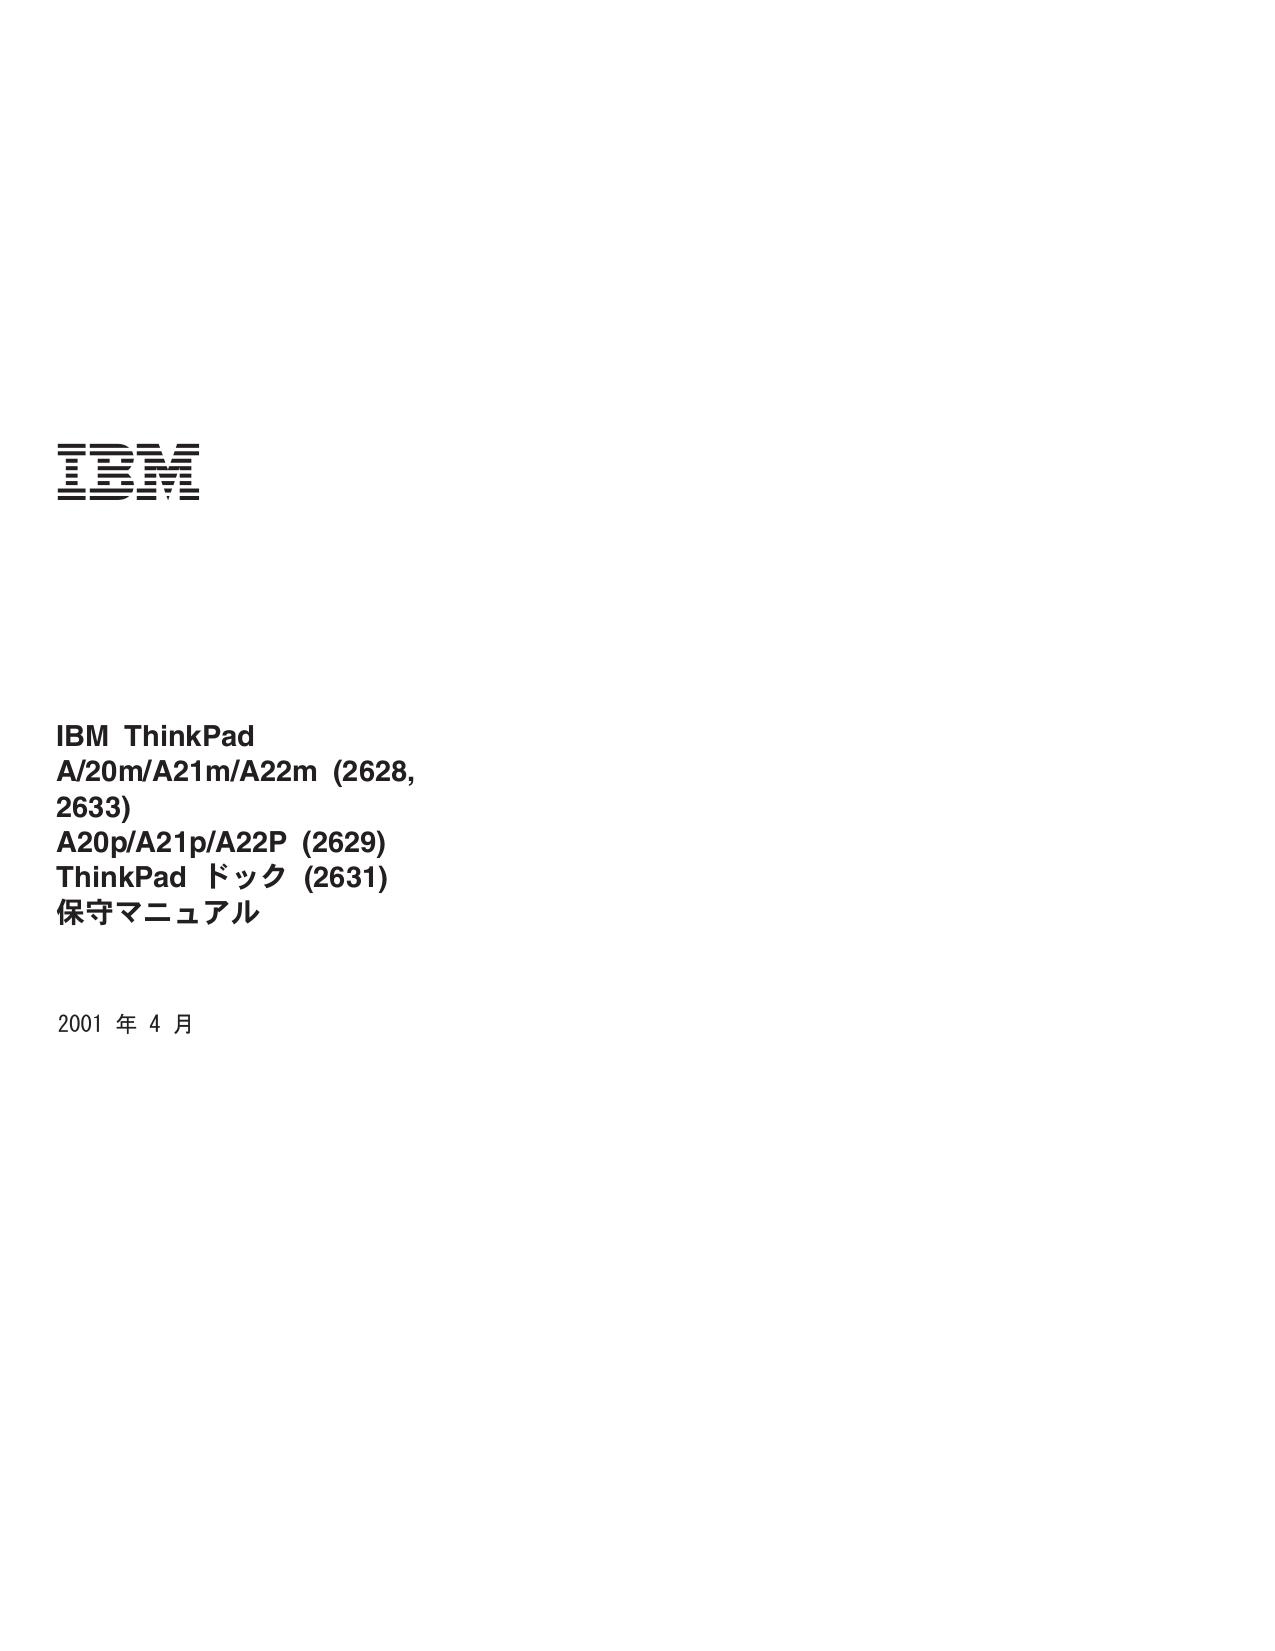 pdf for IBM Laptop ThinkPad A21m manual